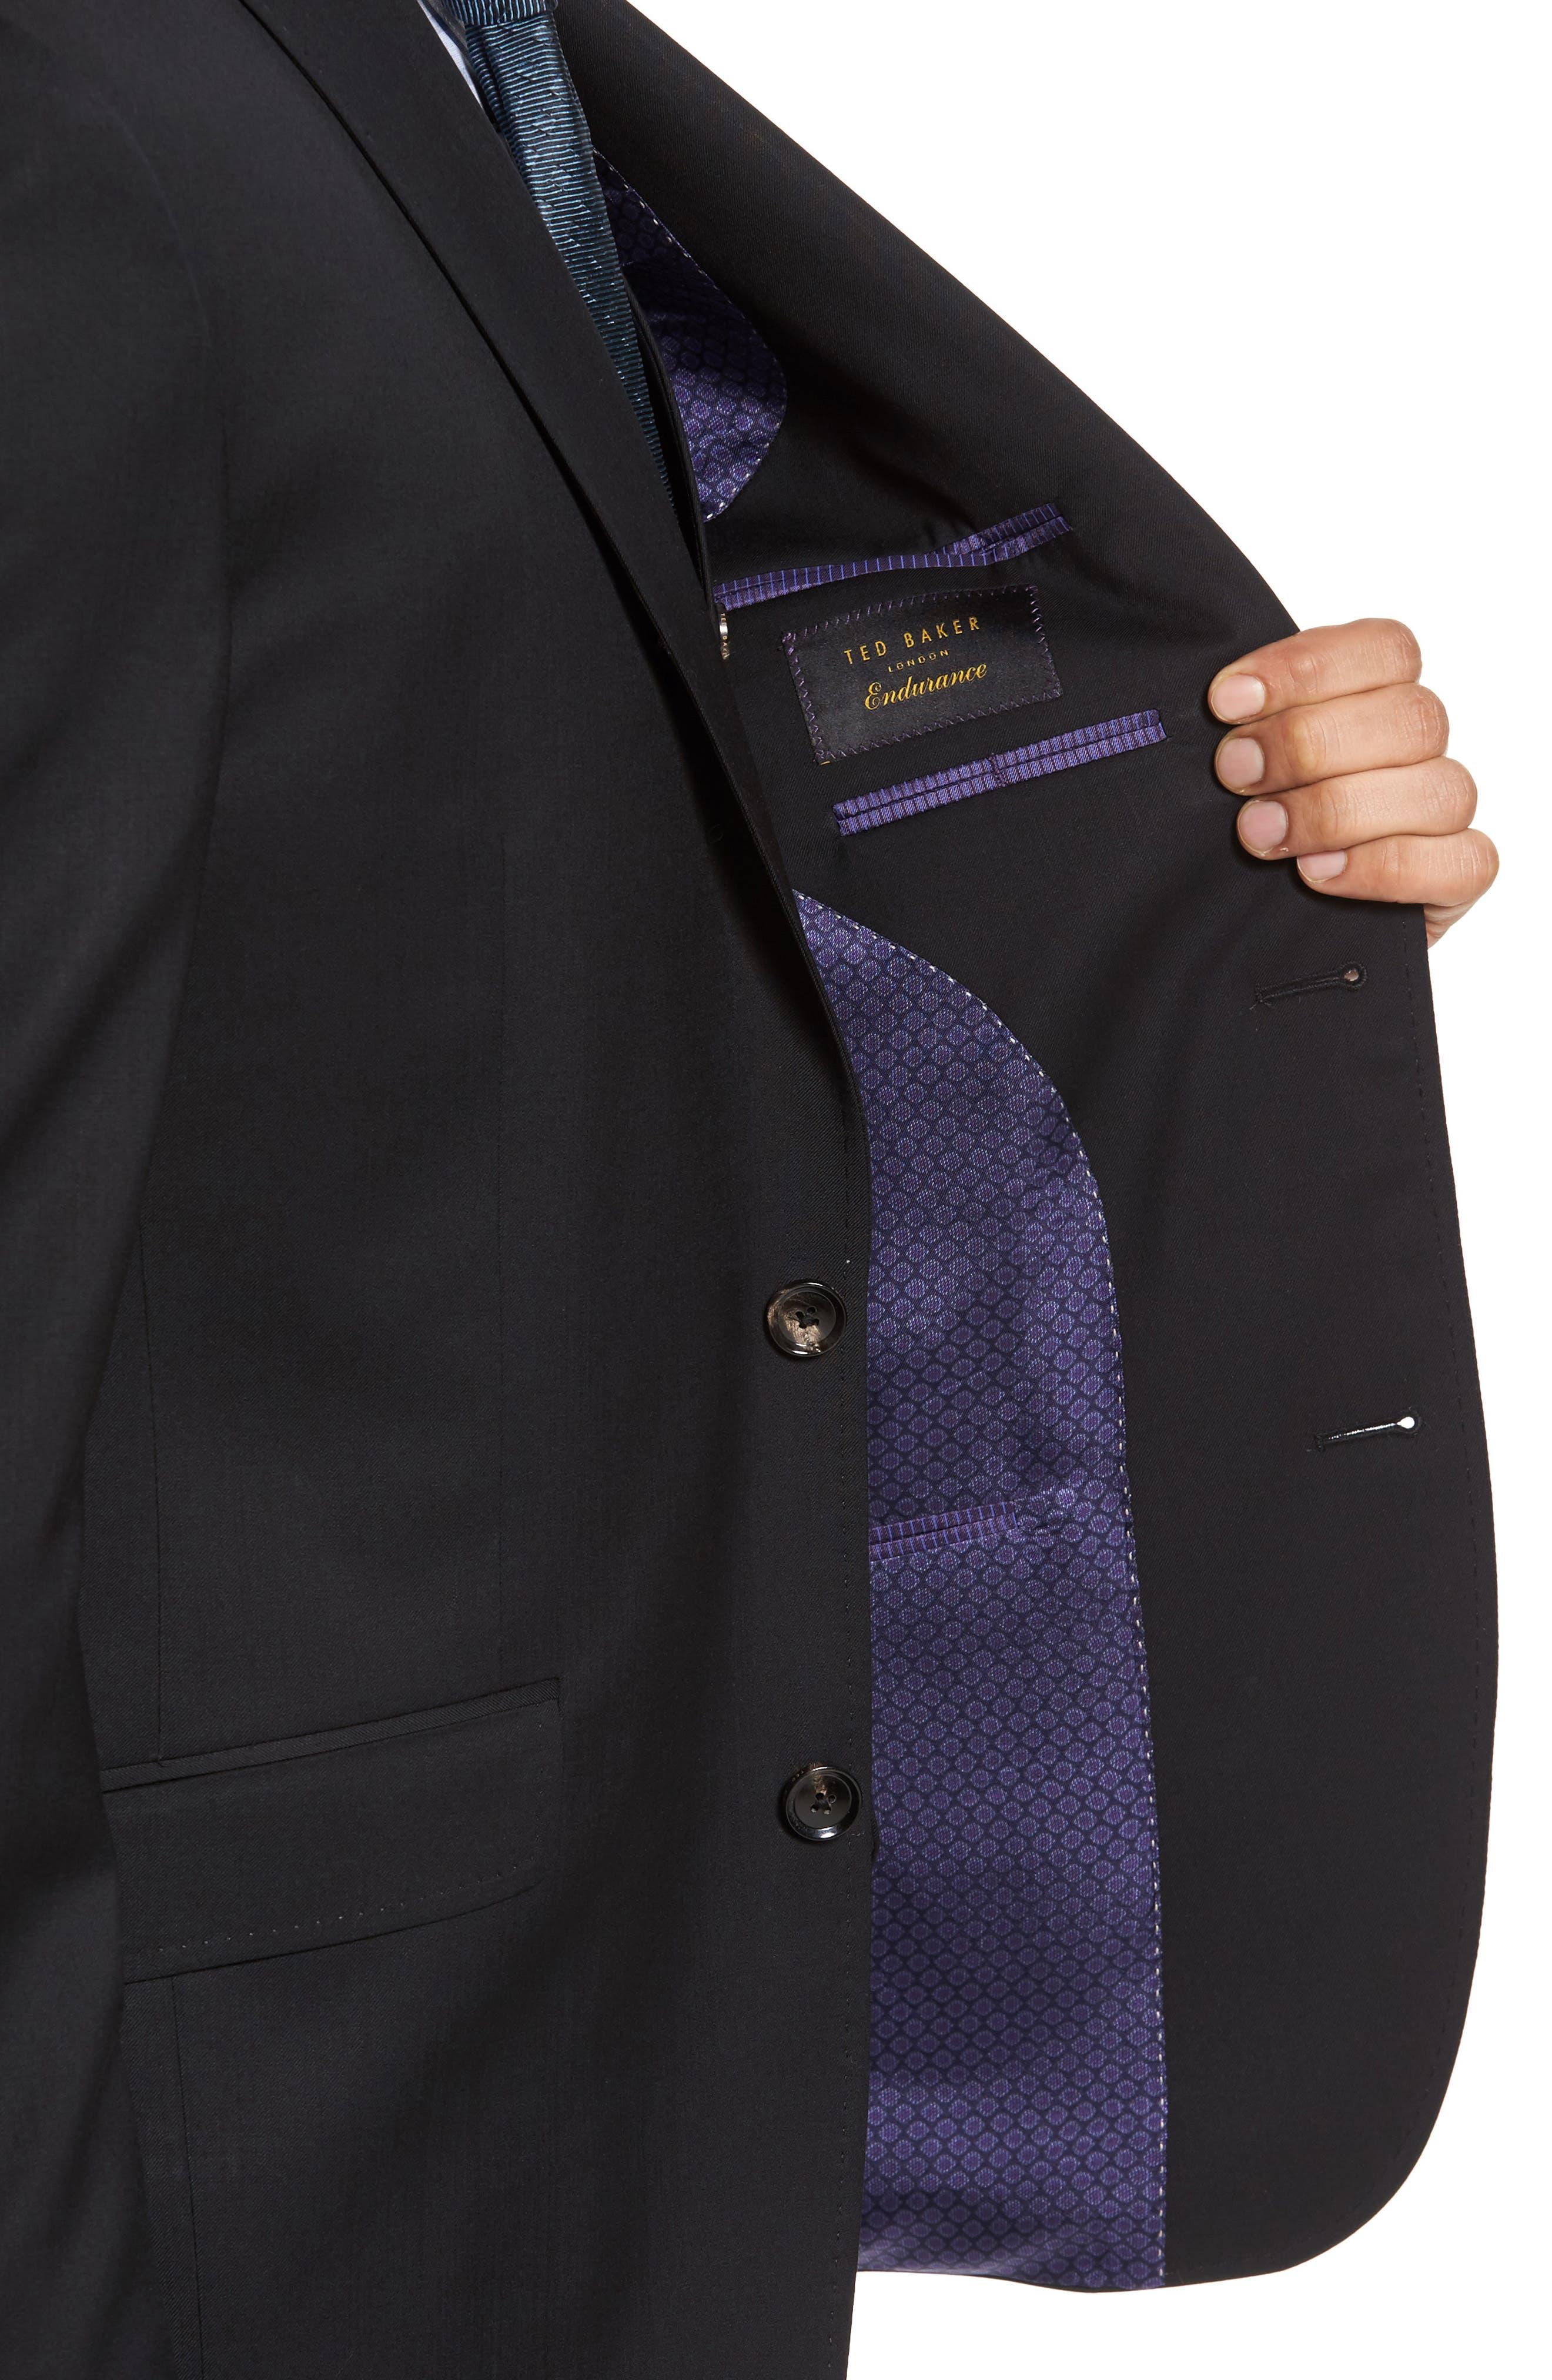 Jones Trim Fit Wool Suit,                             Alternate thumbnail 4, color,                             001